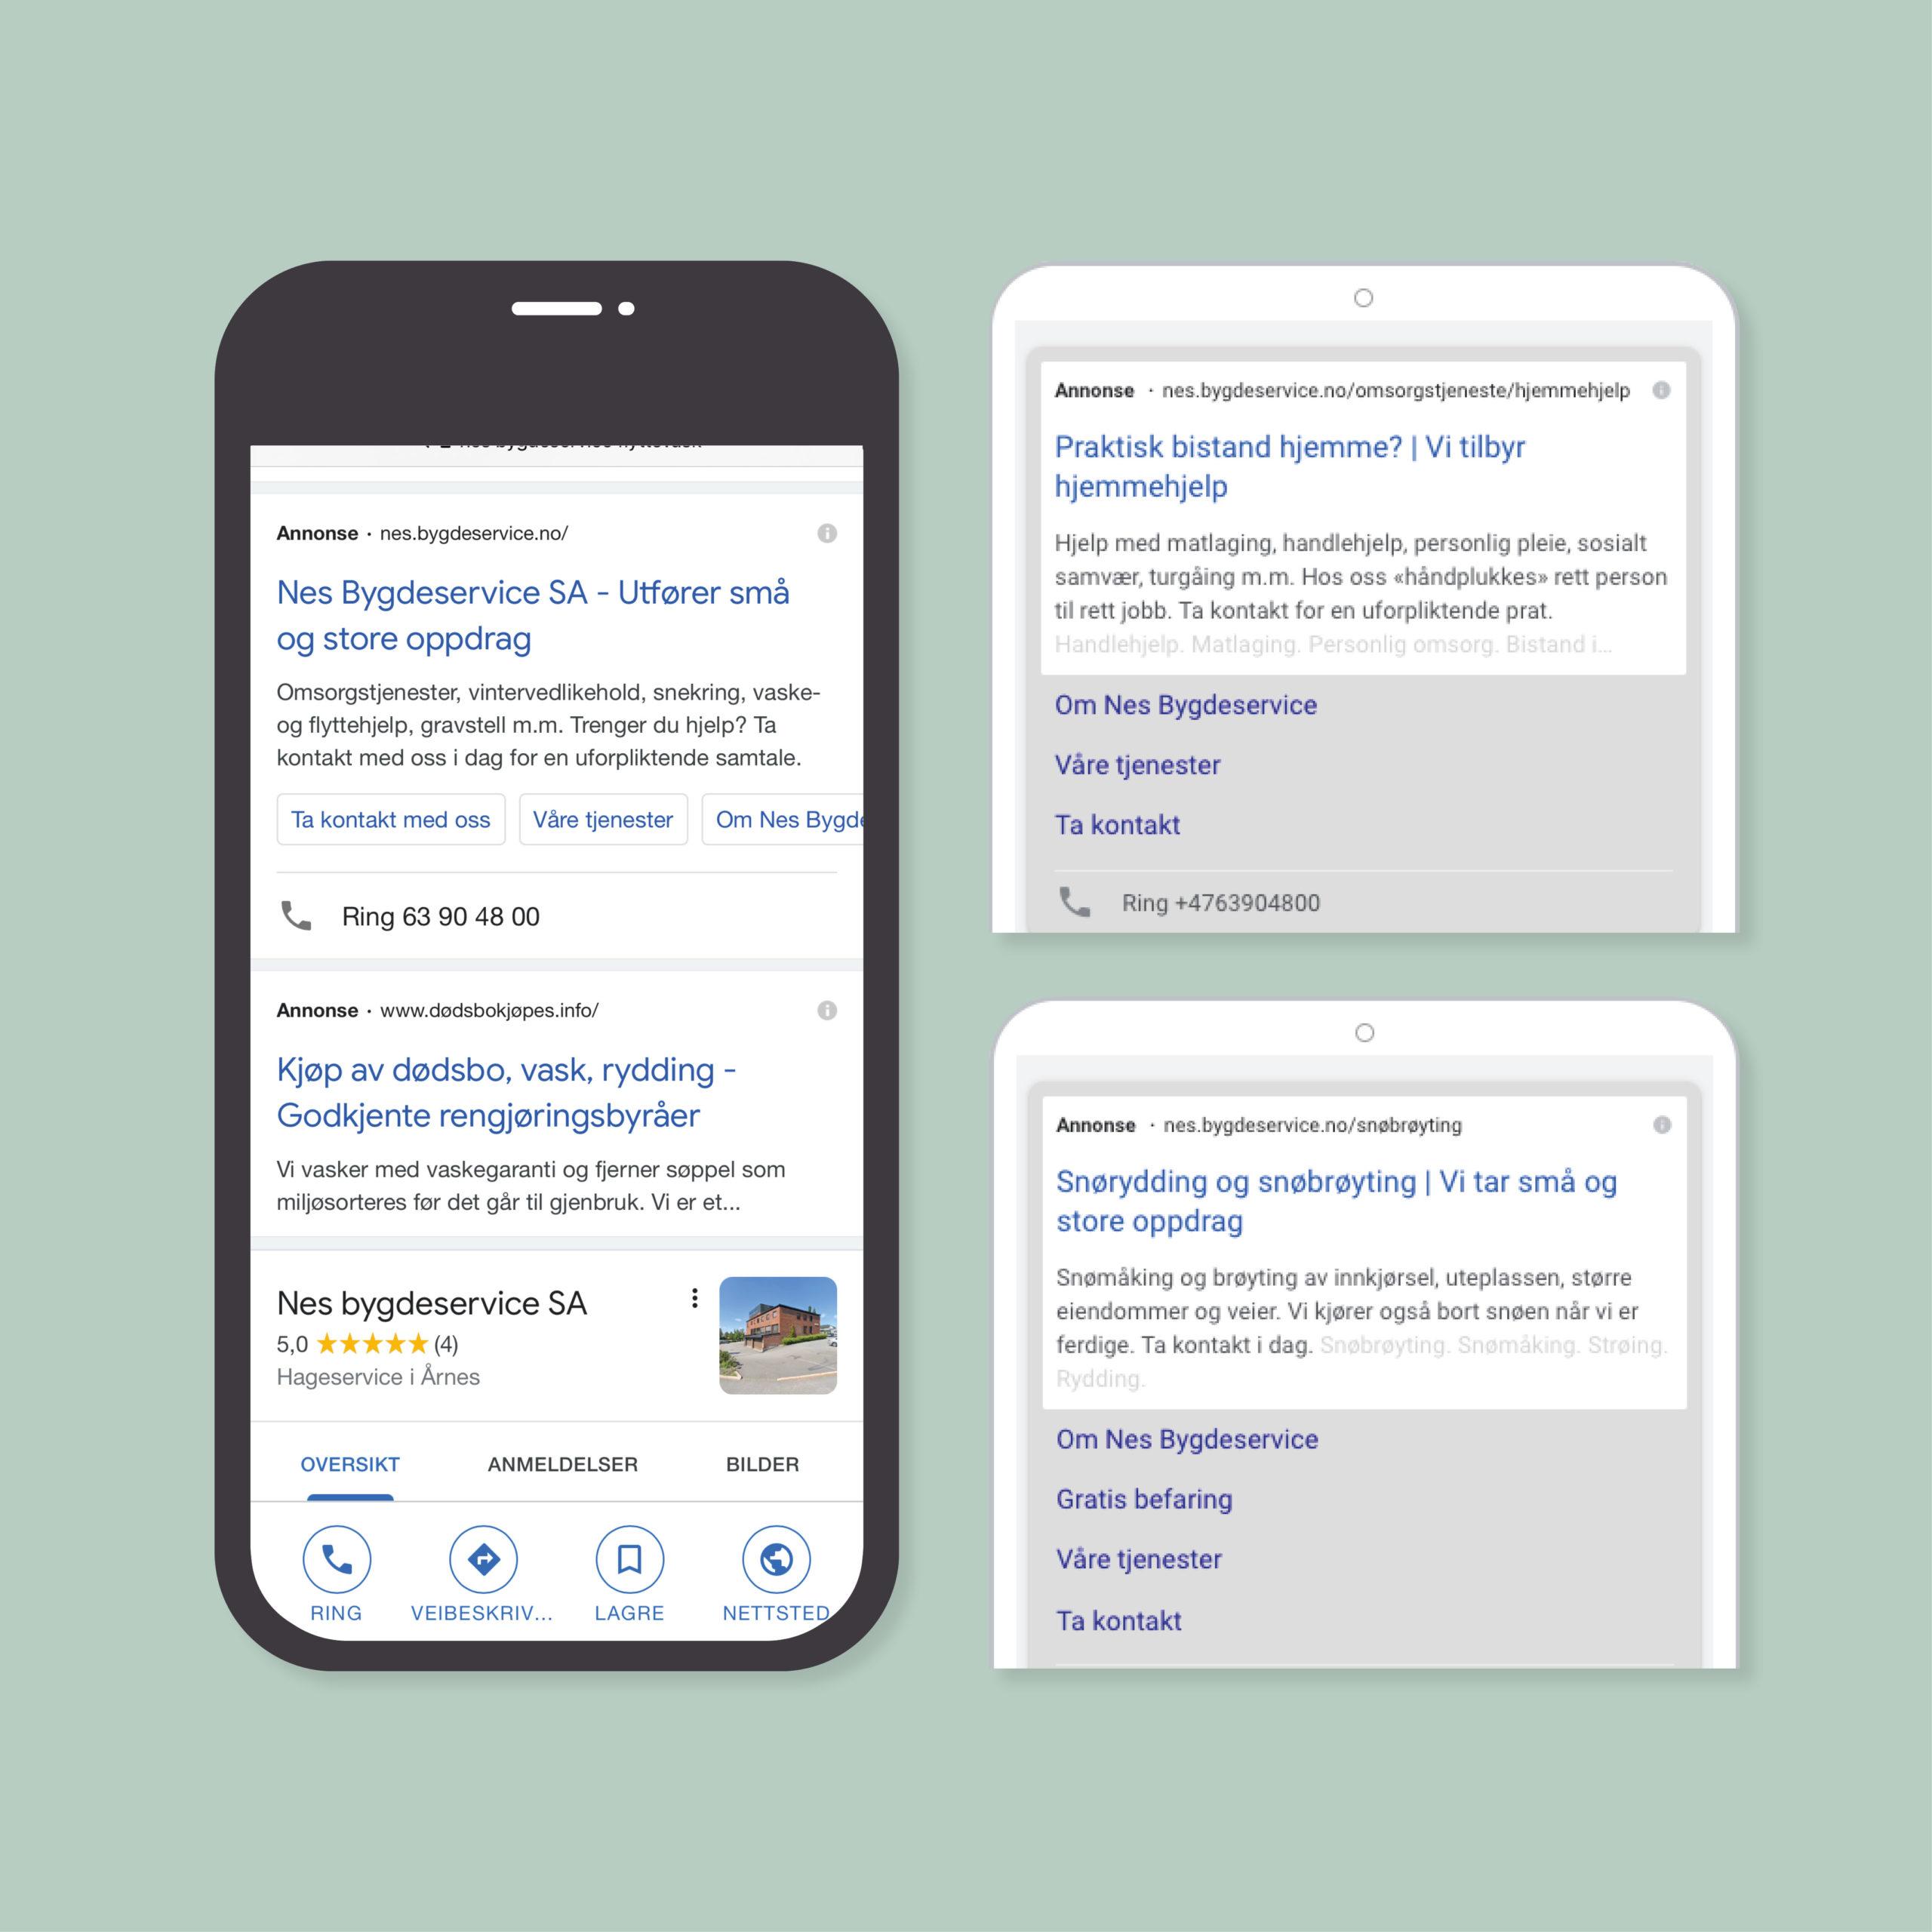 Eksempel på Google ads annonser for Nes Bygdeservice, laget av Haus Byrå